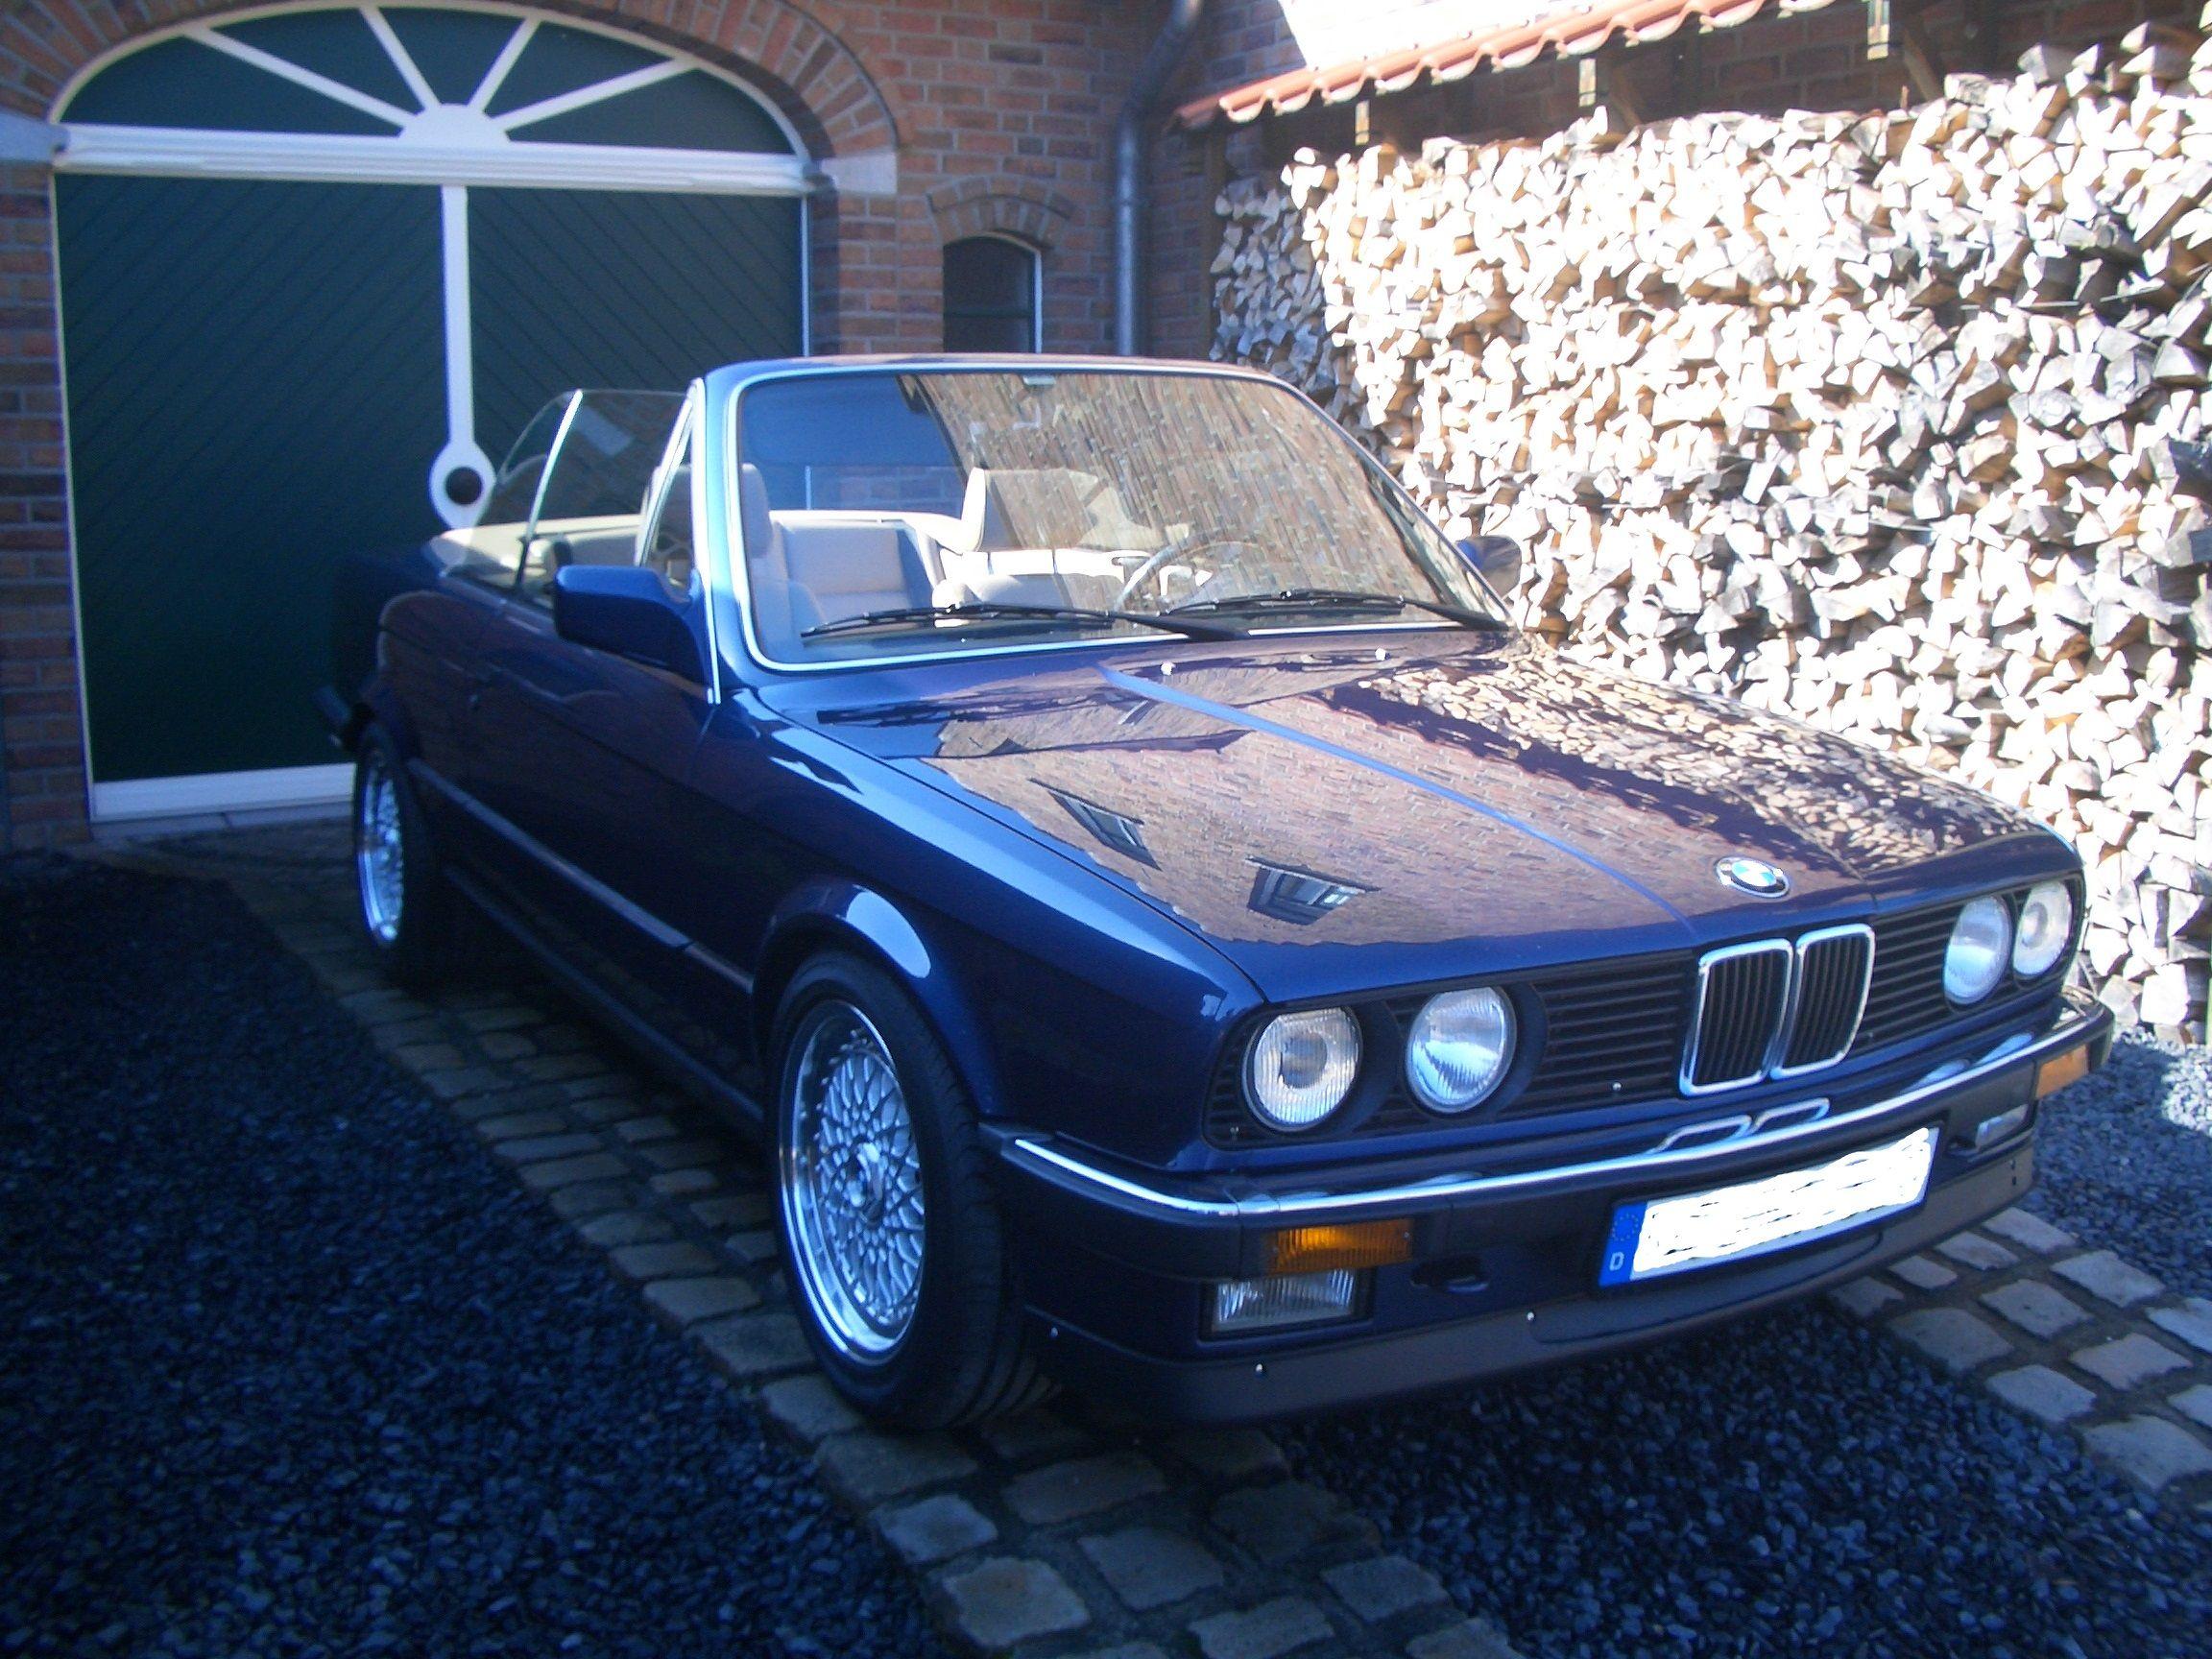 BMW E 3O Cabrio, BJ 1988 VFL Chrommodell Royalblau metallic Männertraum für den Sommer.....